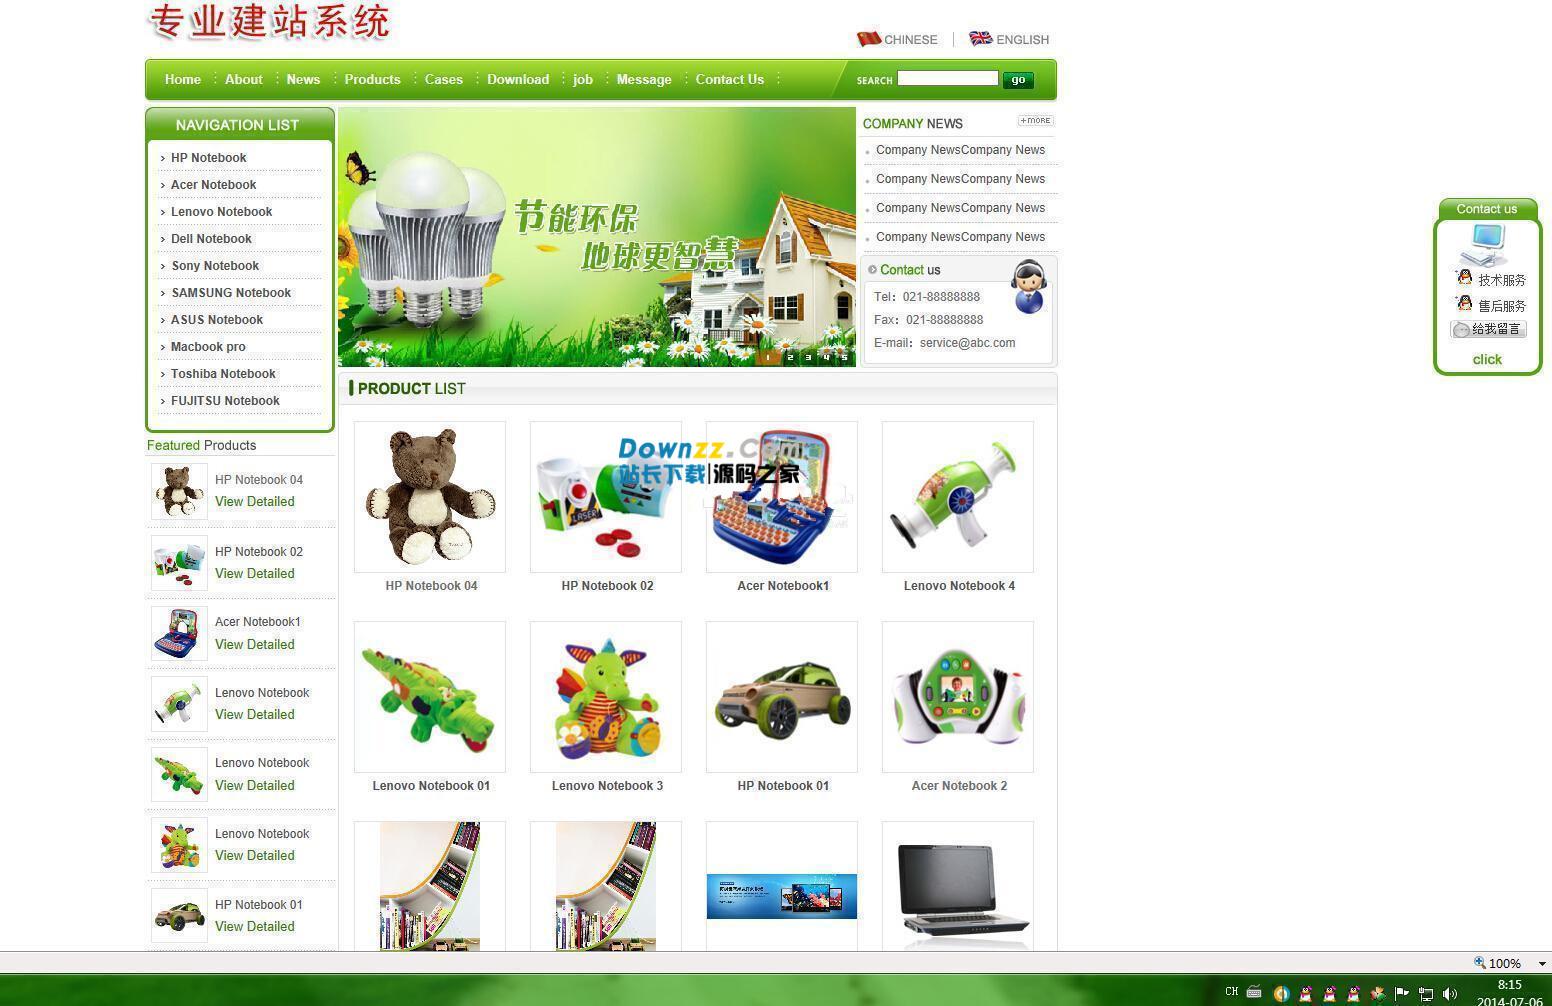 网展中英外贸网站绿色风格 v5.0